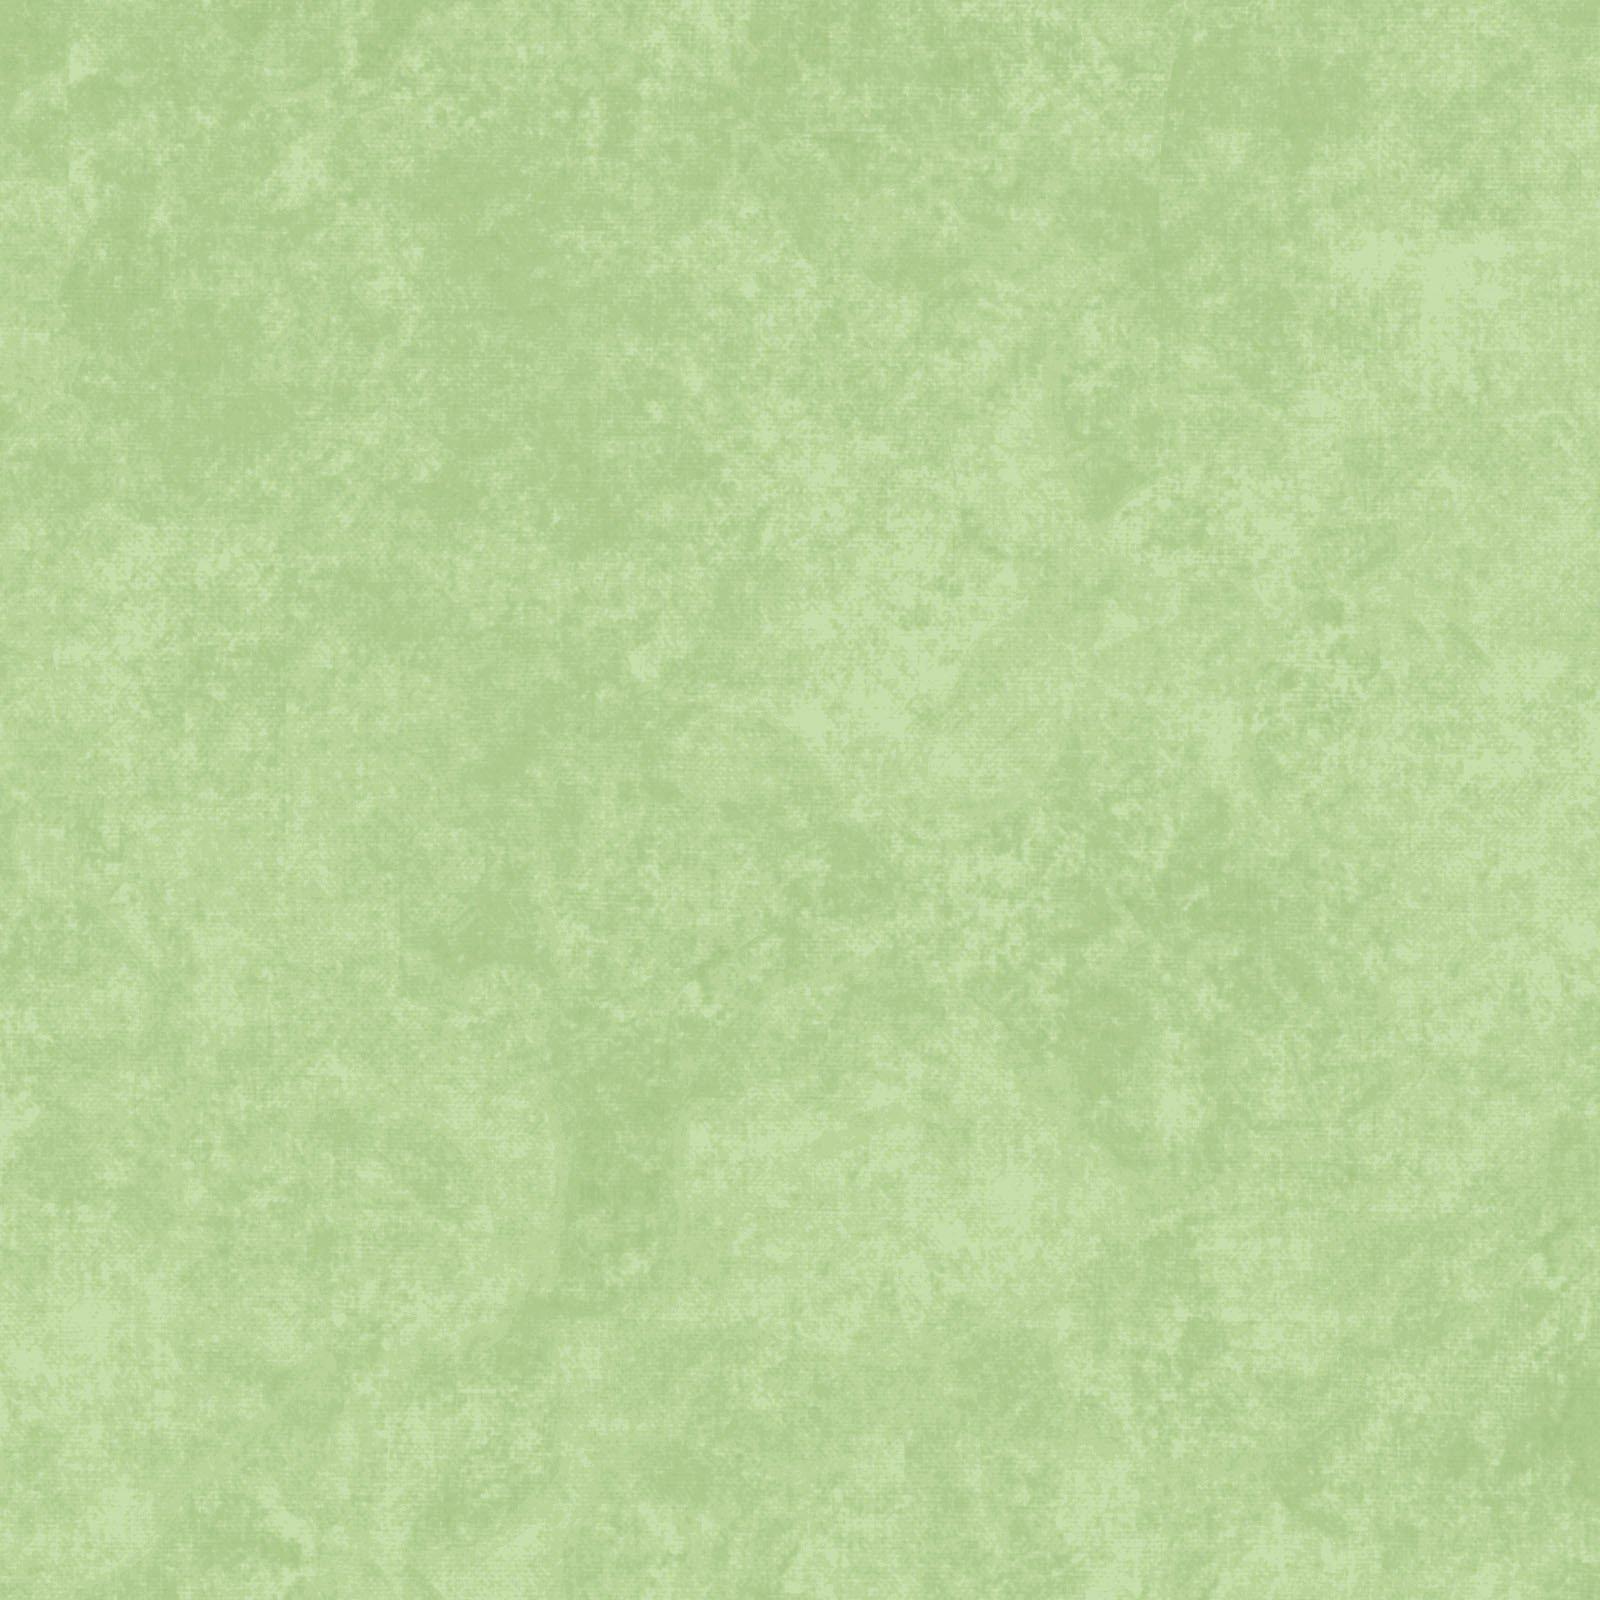 Shadow Play Flannel - MASF513-G47